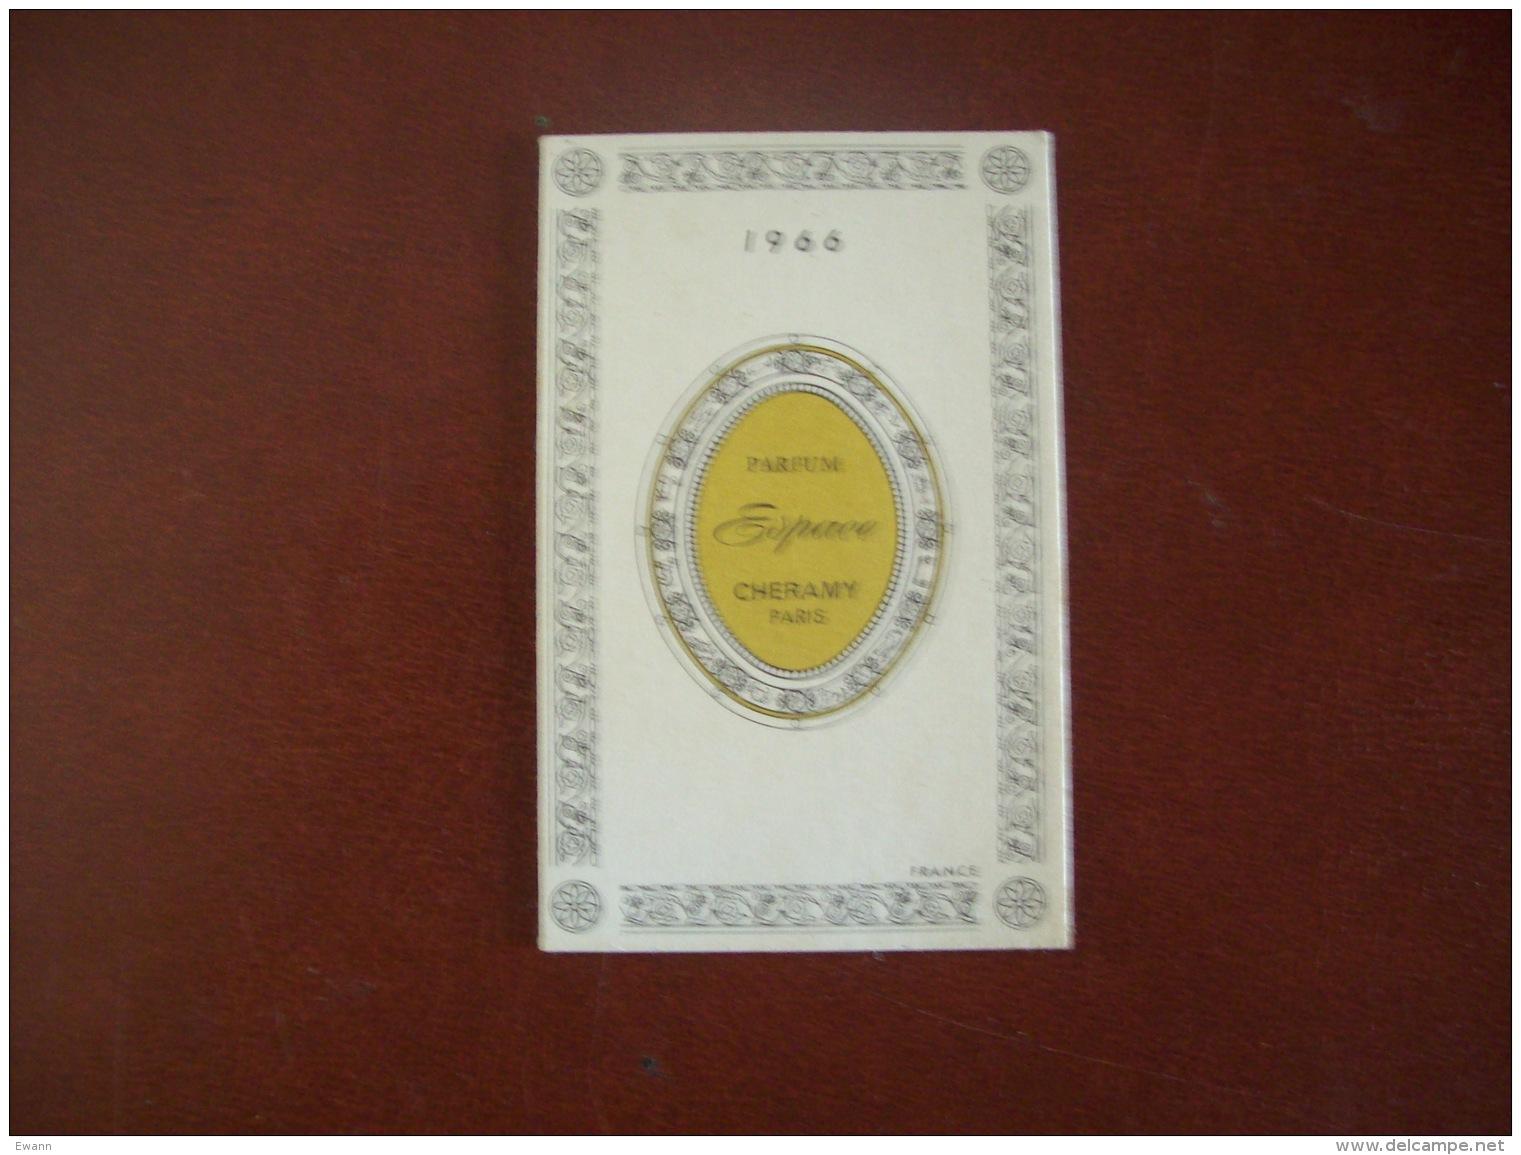 Calendrier Parfumé De 1966: Bernoues France, Parfum Espac, Cheramy, Paris-Publicité Coiffure G.Le Gall à Saumur (49) - Petit Format : 1961-70